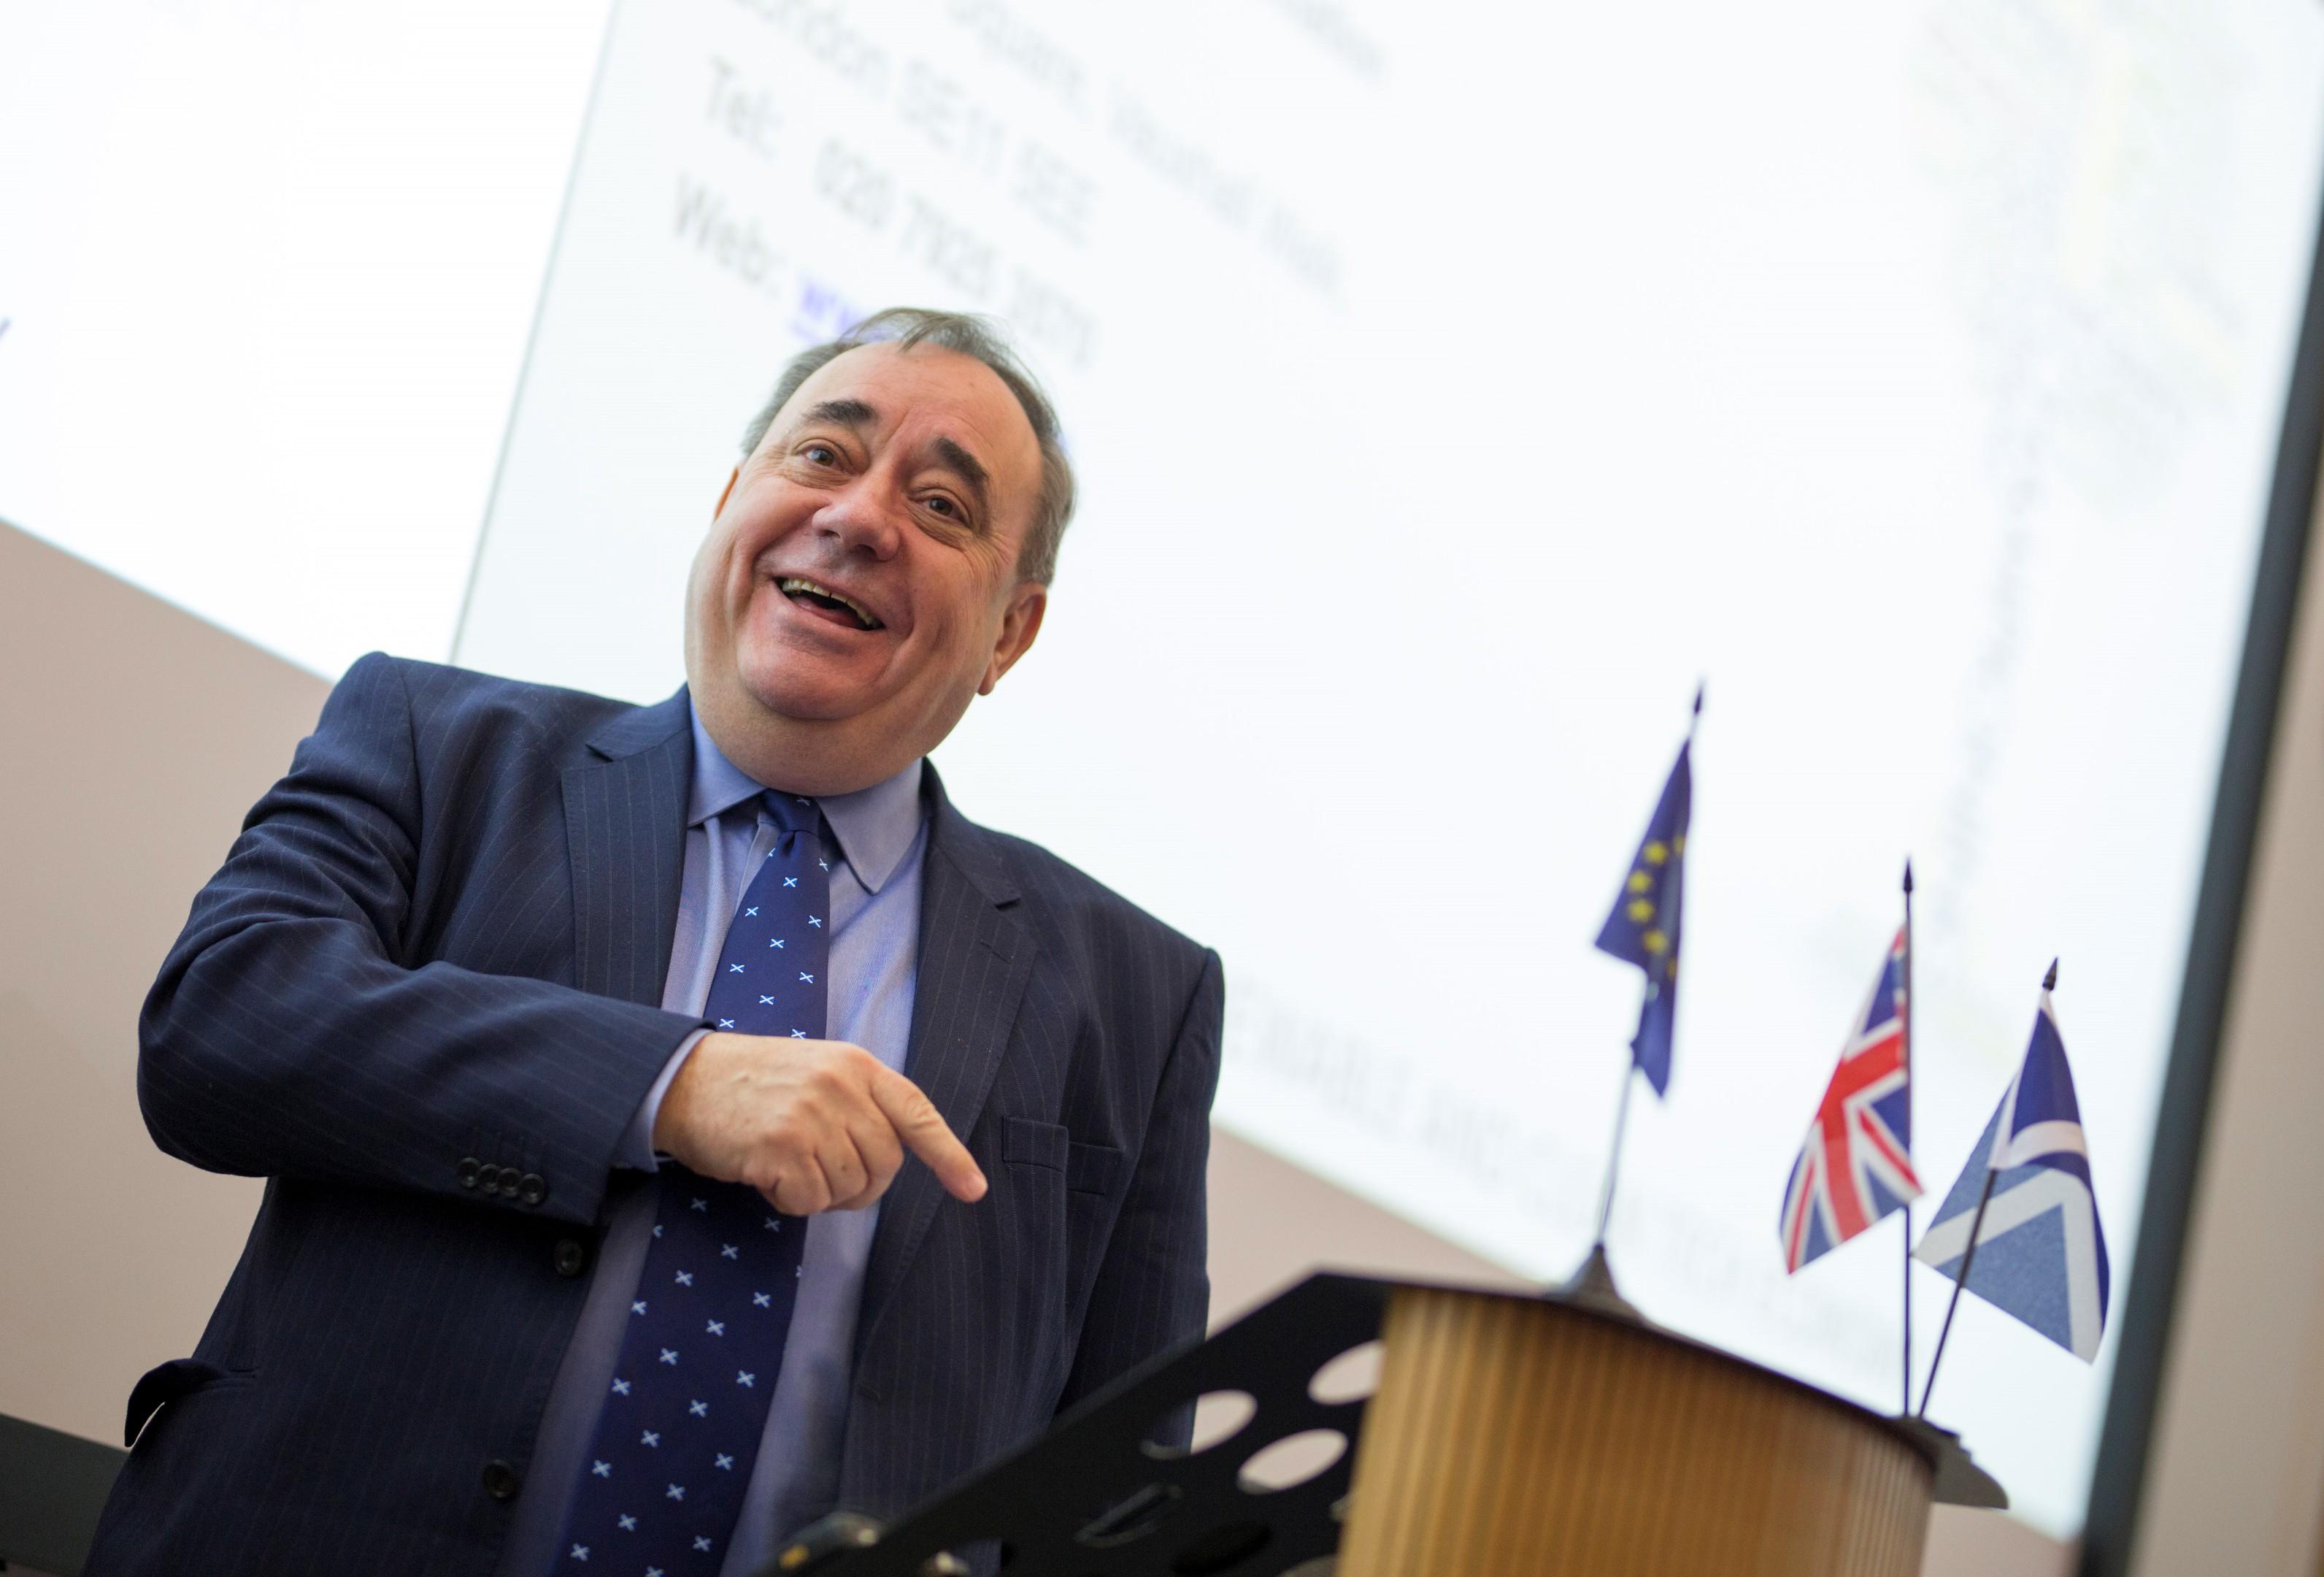 Former First Minister, Alex Salmond.